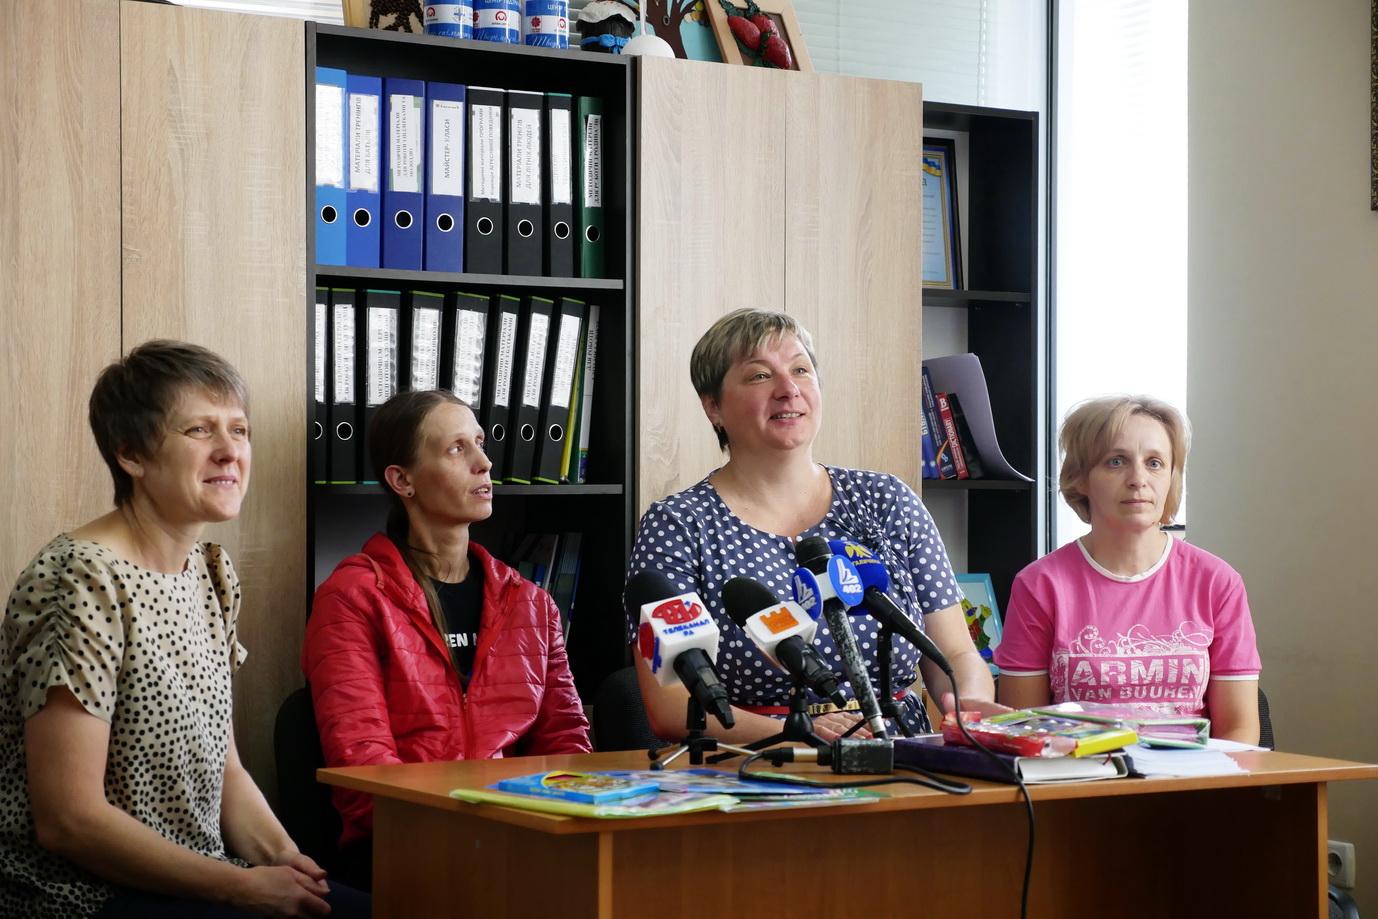 """У Франківську """"Карітас"""" збирає кошти на портфелики для дітей з малозабезпечених сімей 6"""